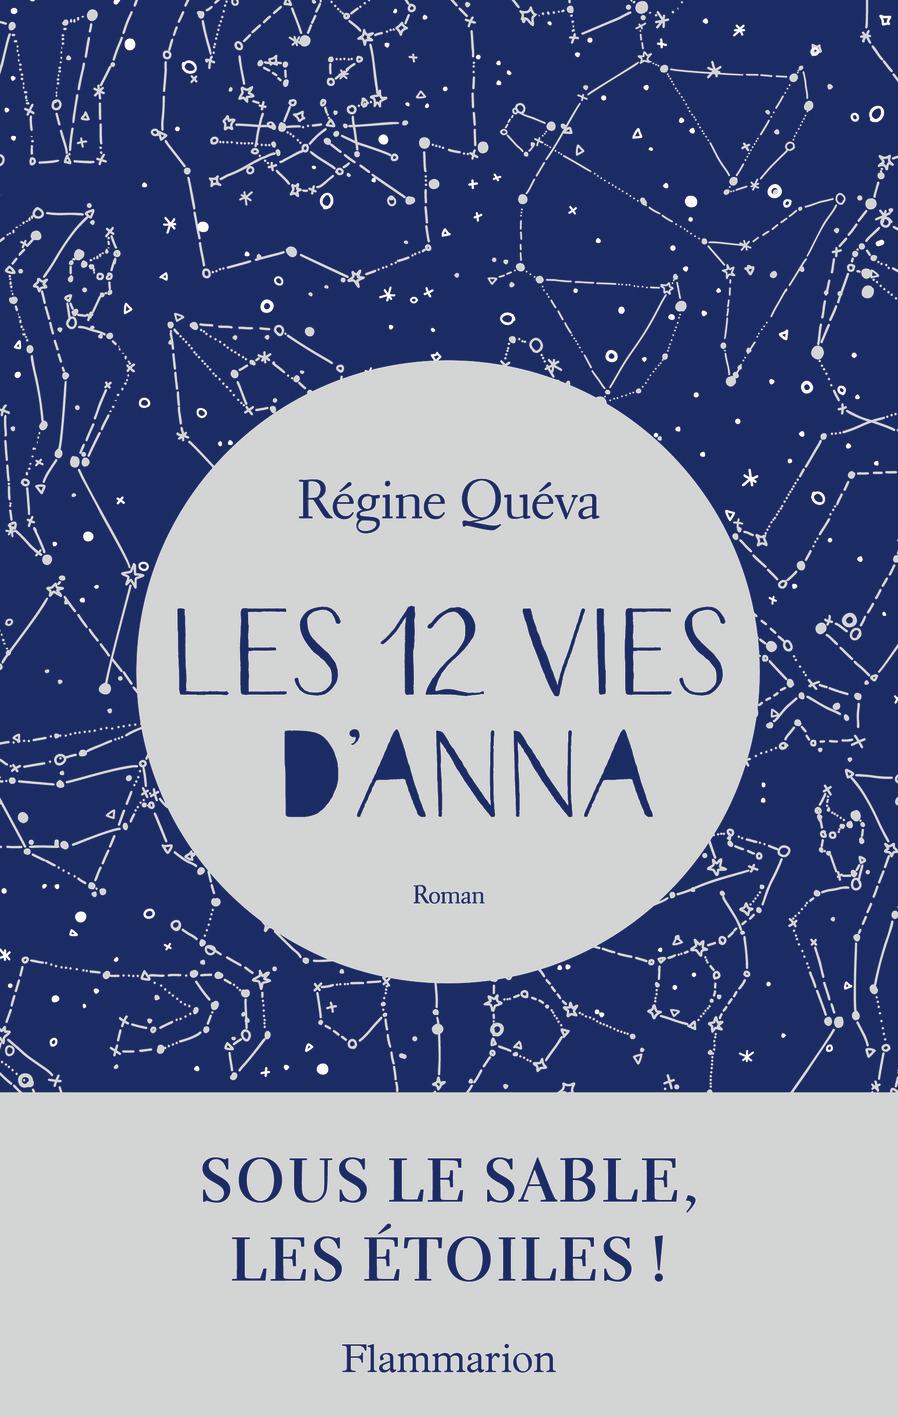 LES 12 VIES D'ANNA